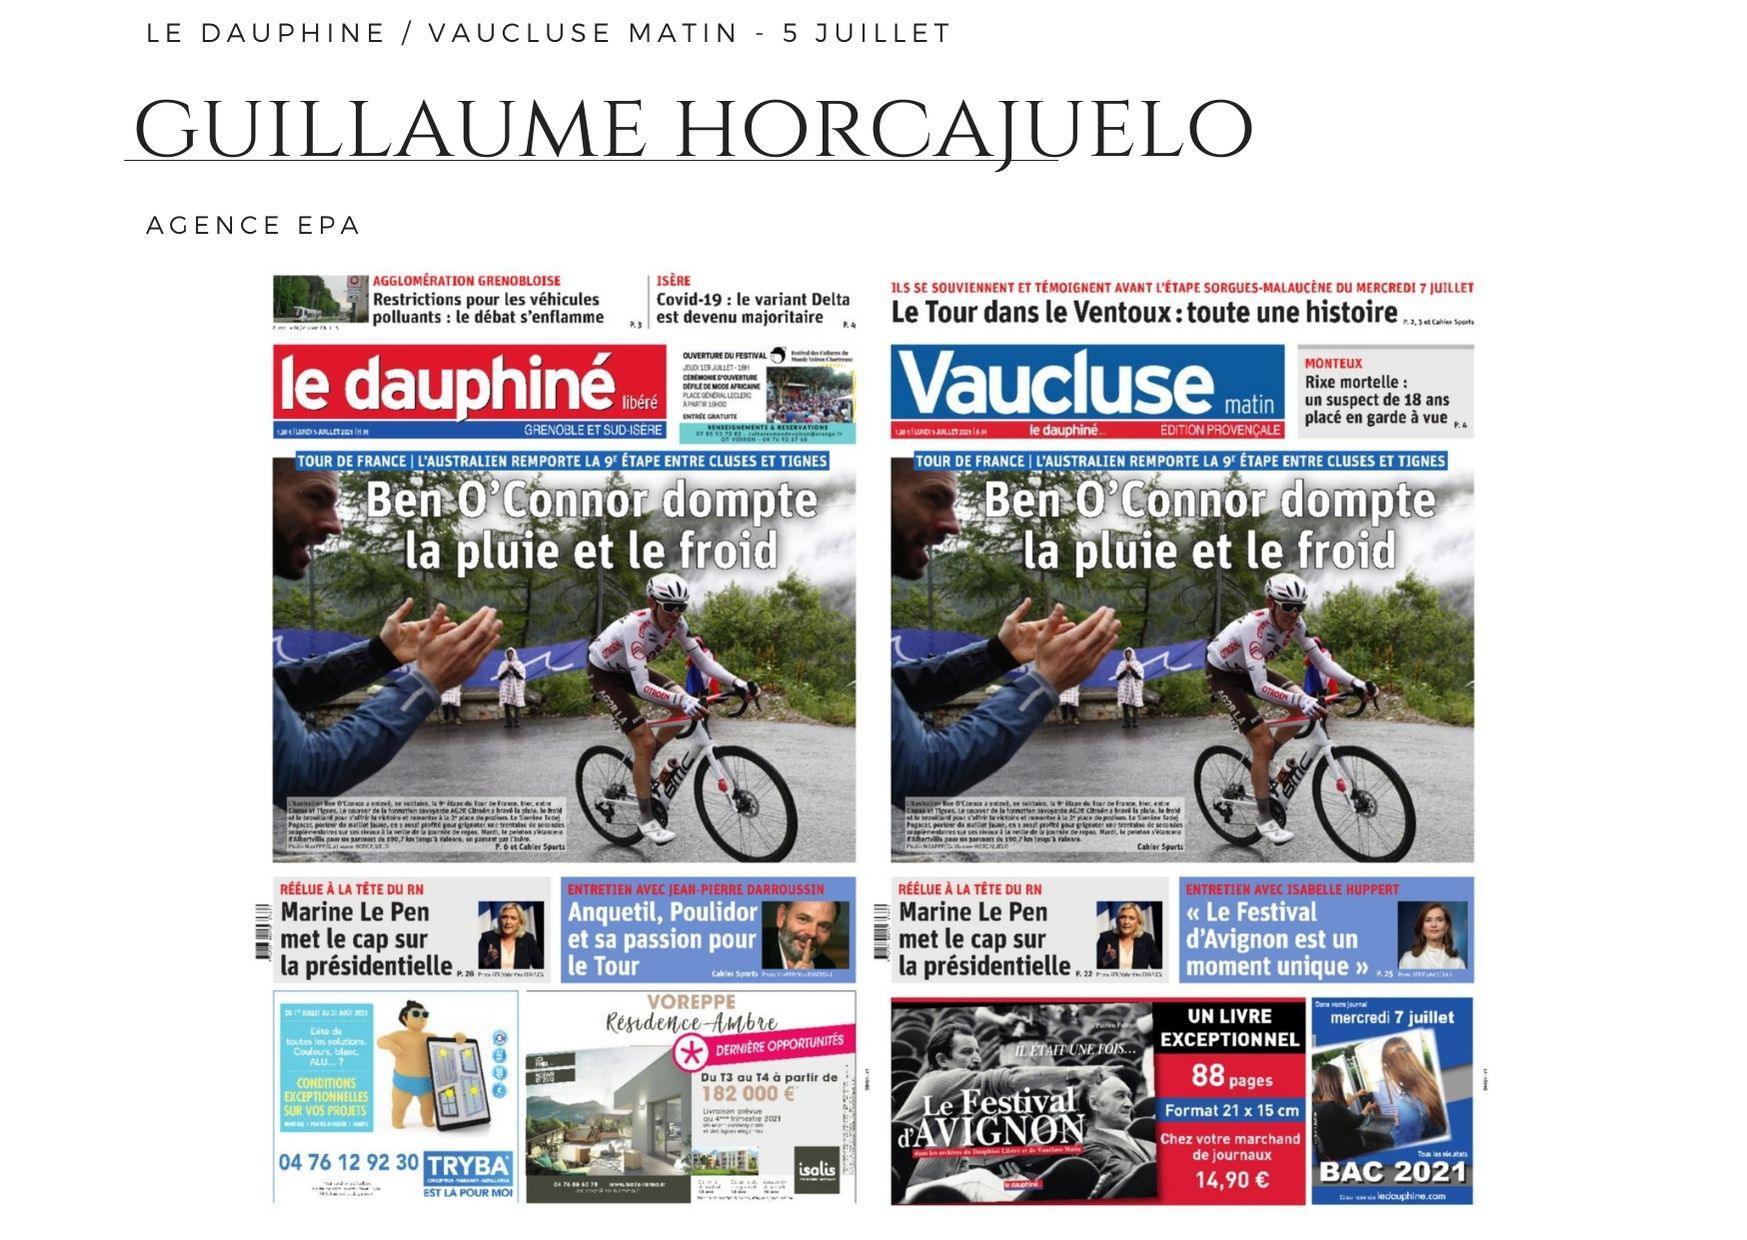 Le Dauphiné - Vaucluse Matin - 5 juillet 2021